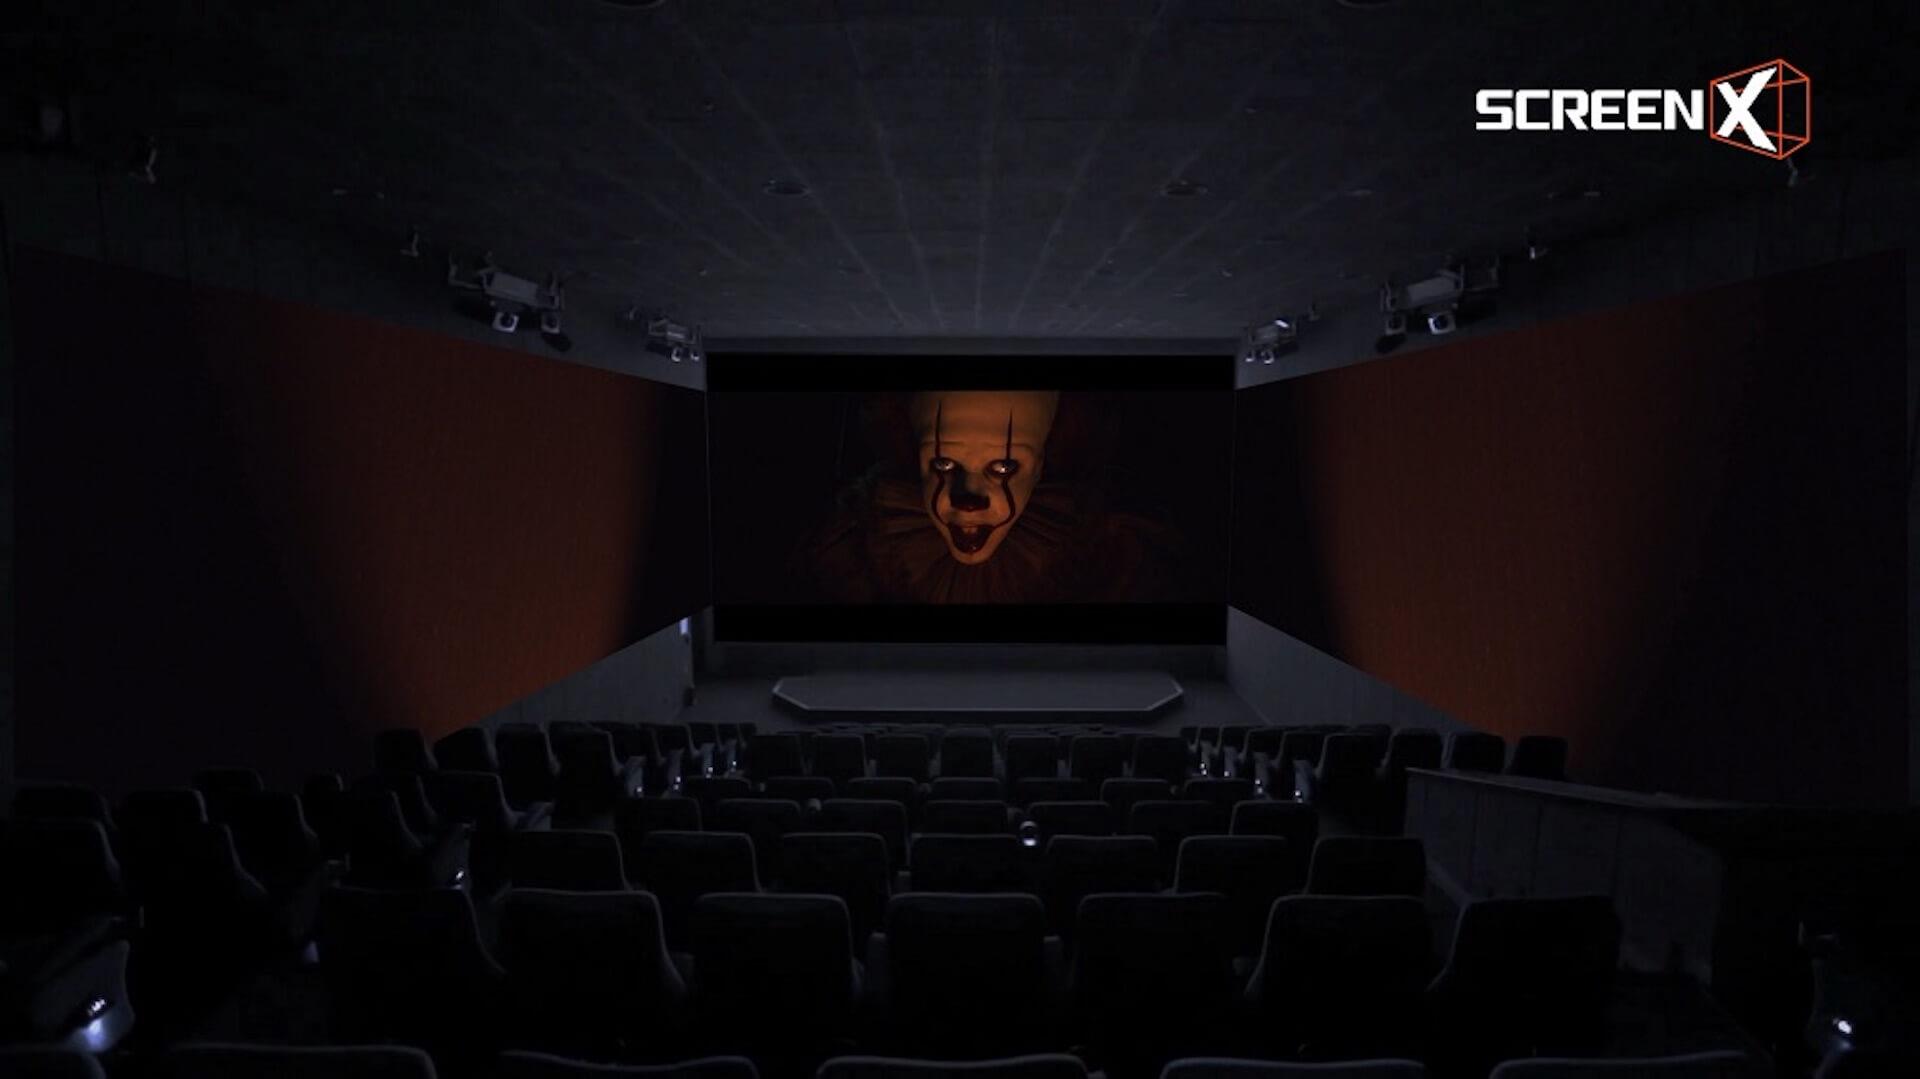 """270度・3面スクリーンからペニー・ワイズが襲いかかる!『IT/イット THE END """"それ""""が見えたら、終わり。』ScreenX上映決定 cf41f1daaccde9ab3d1e702a34b694ff"""